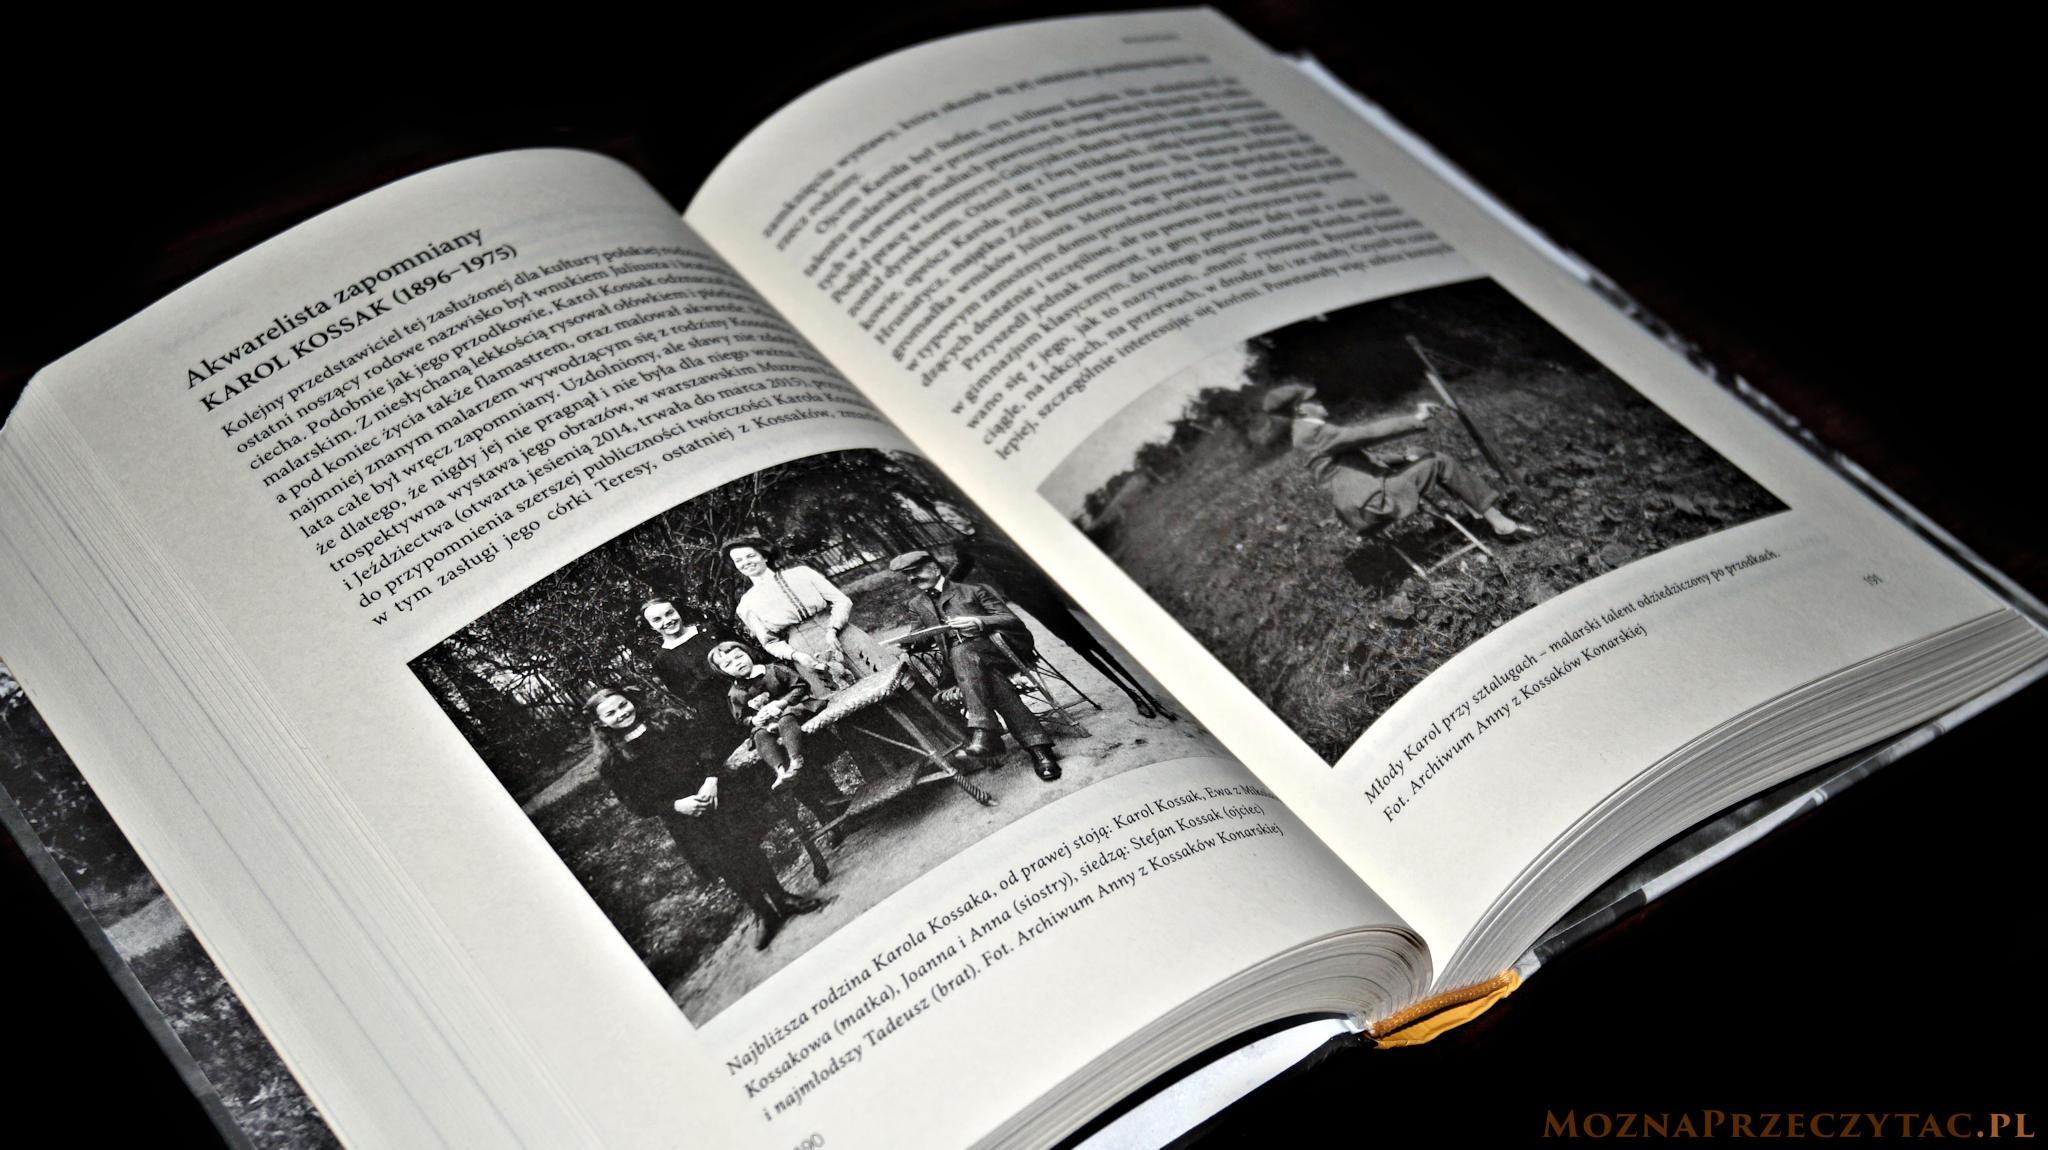 Wybitne rody, które tworzyły polską kulturę i naukę - Marcin K. Schirmer